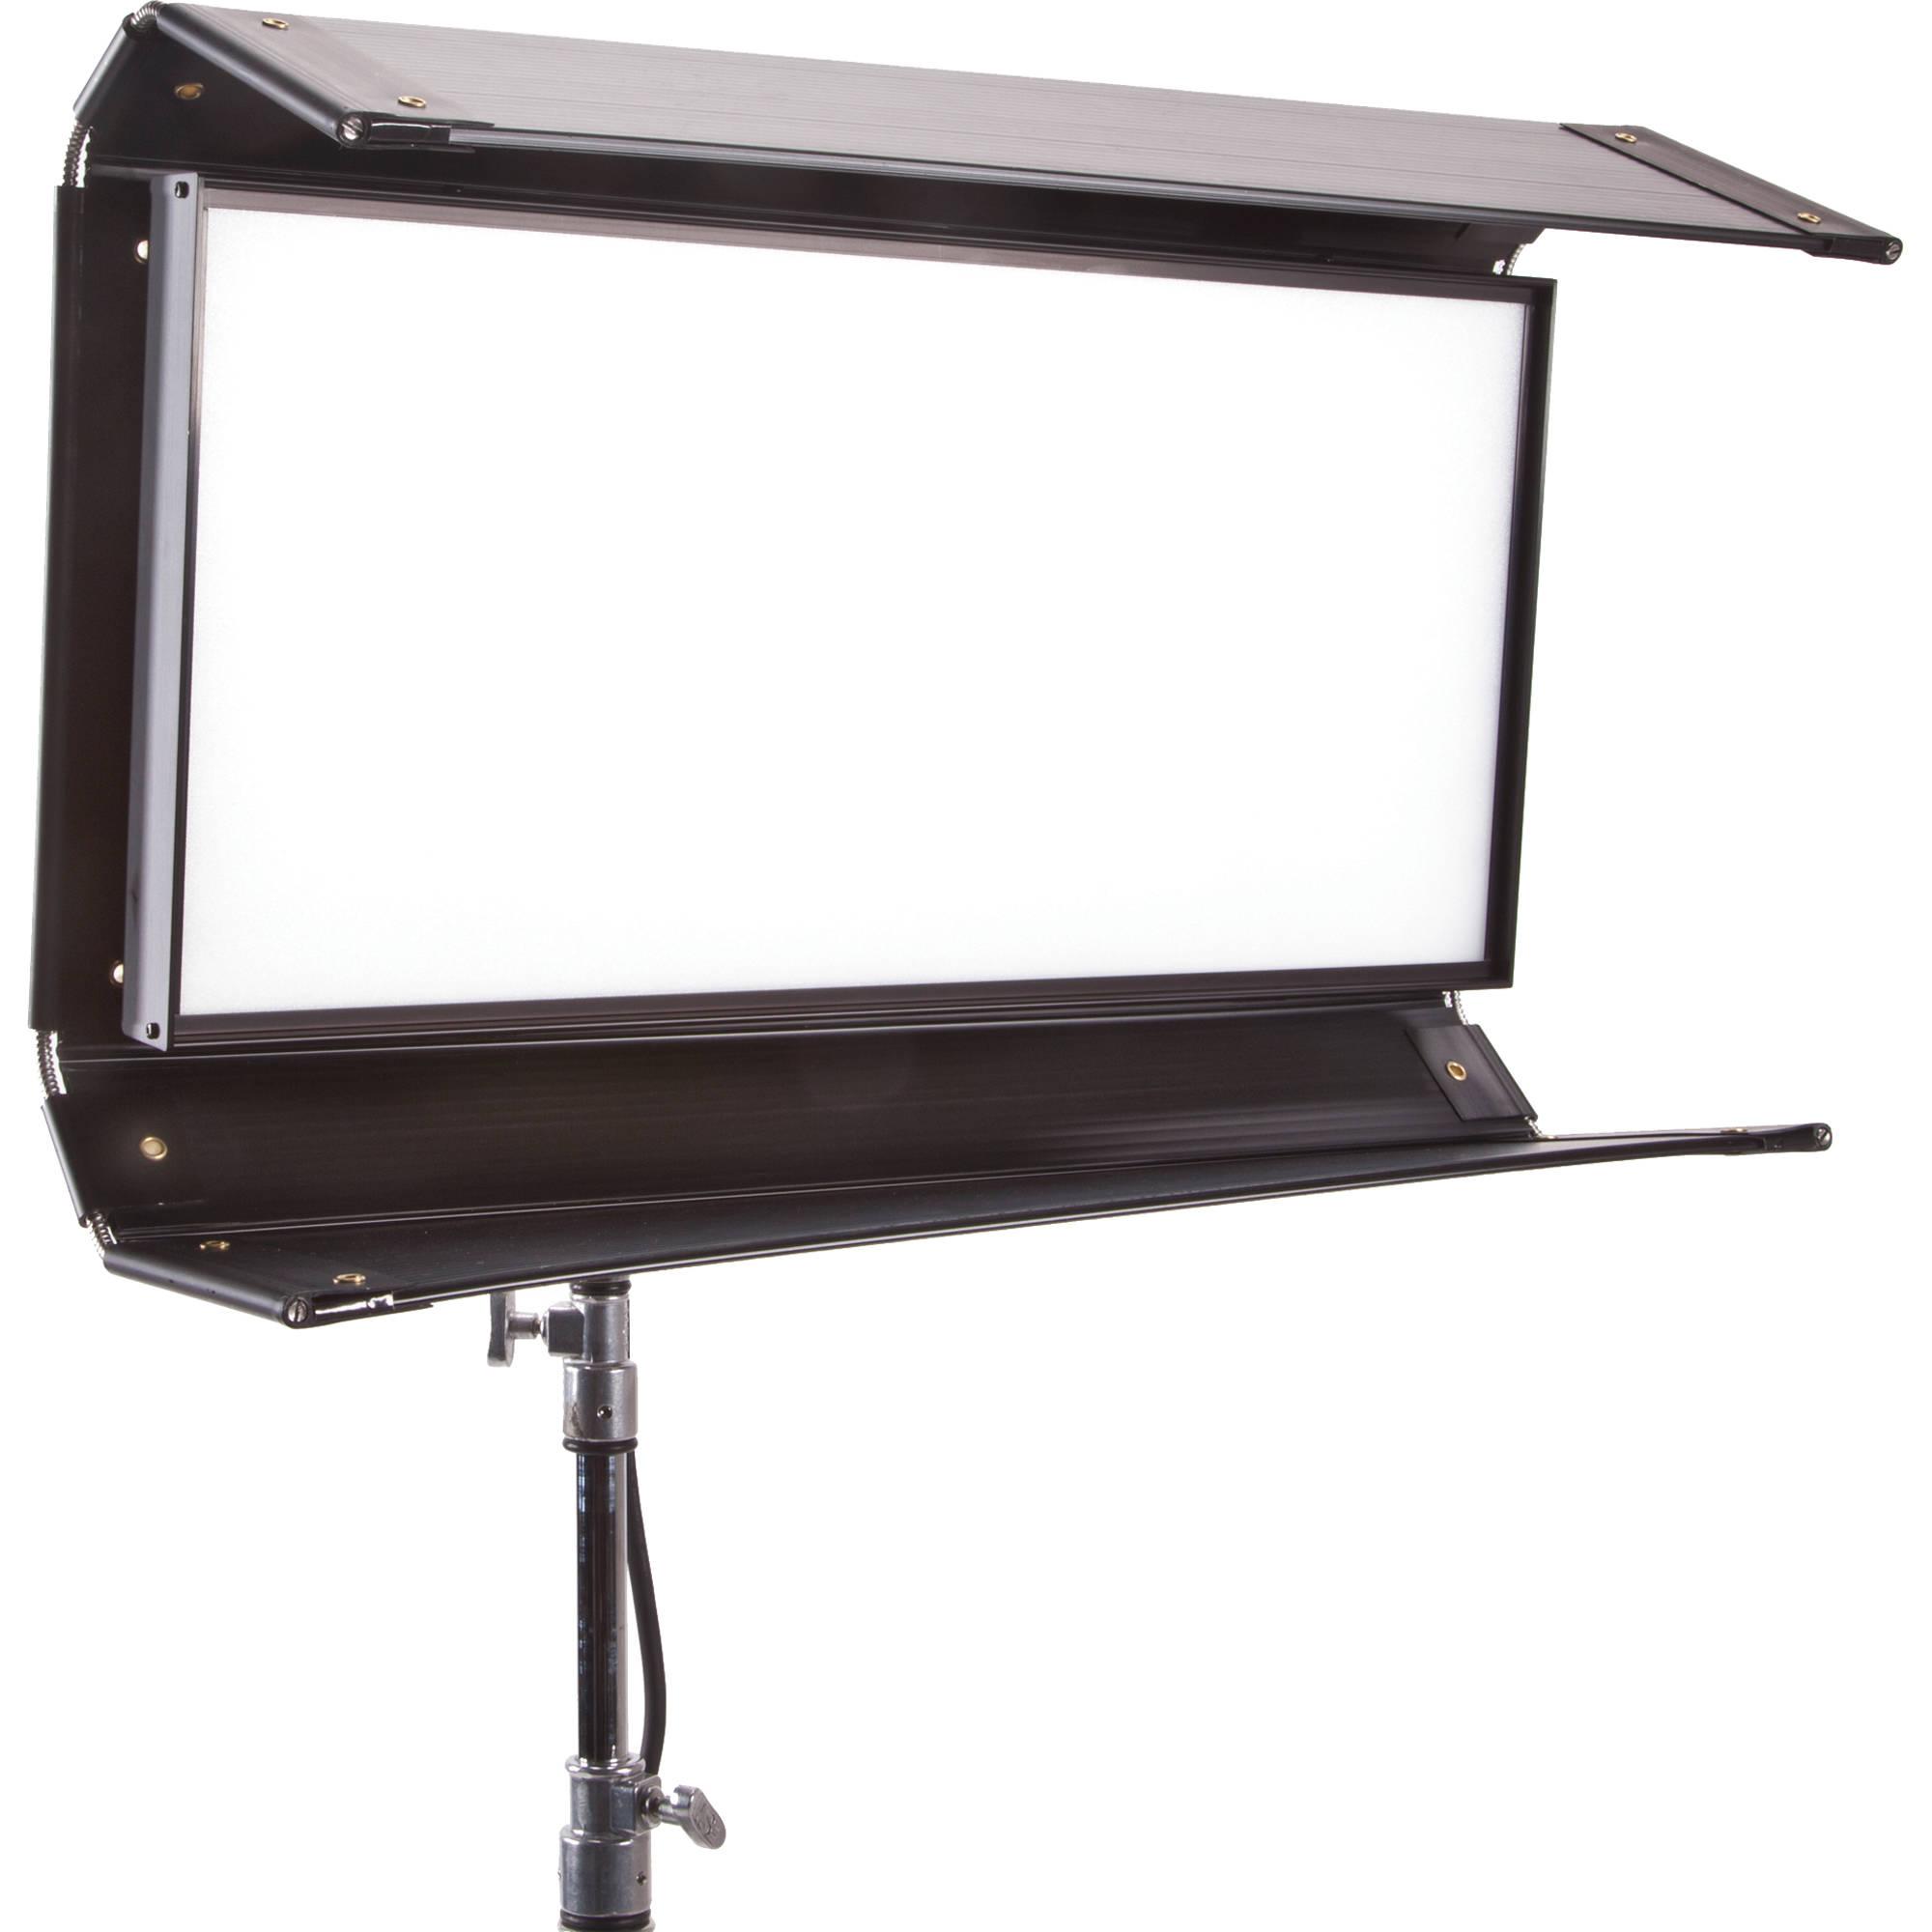 Kino Flo Diva Lite LED 12 DMX